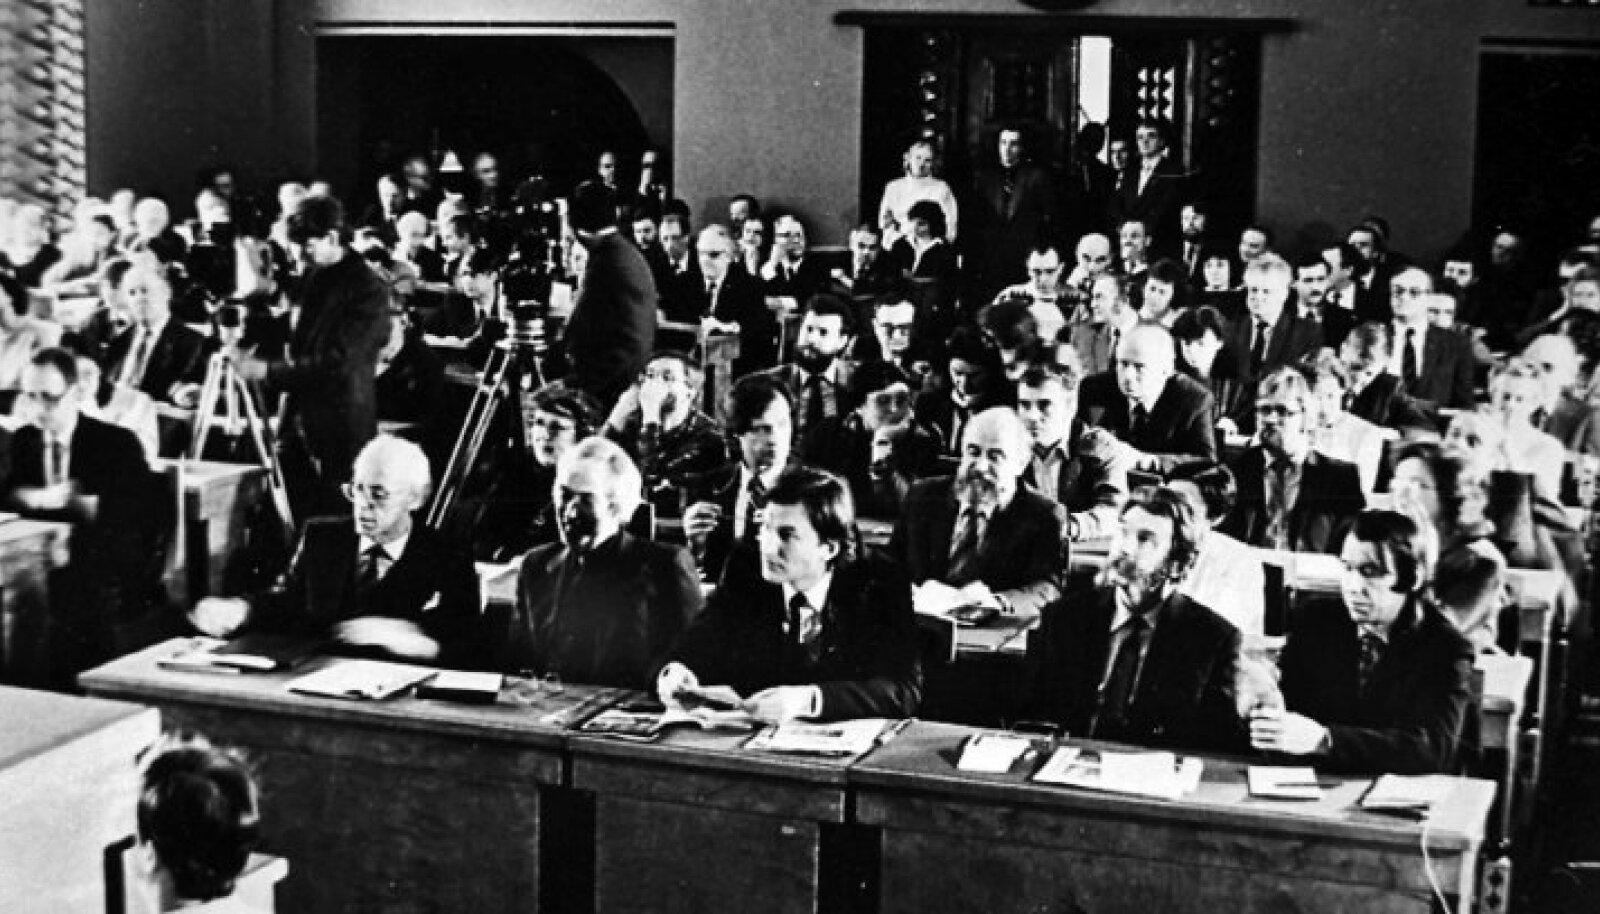 1.–2. aprillil 1988 toimus Toompeal toonase ülemnõukogu saalis loomeliitude pleenum, mis sai Eesti iseseisvumisel oluliseks teetähiseks. Olulist rolli mängib see ka Valtoni romaanis, mis valgustab pleenumi telgitaguseid võrdlemisi elavalt.